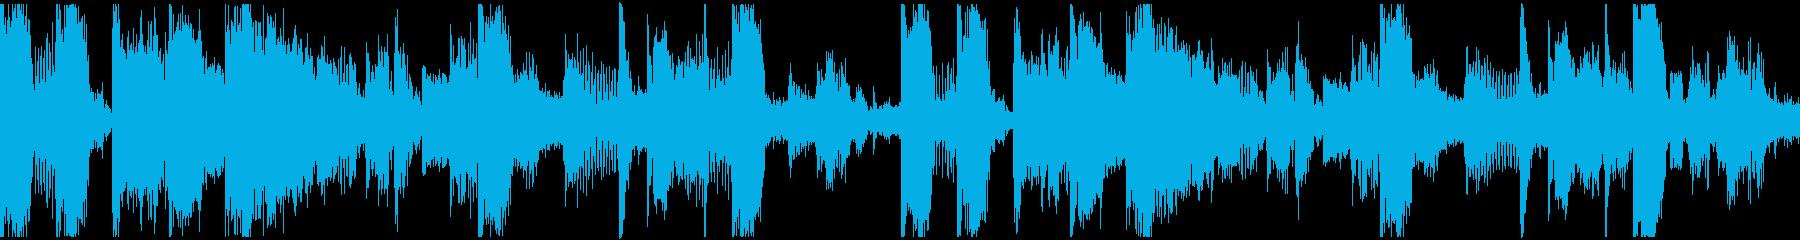 ループ。ガヤガヤ声素材。打ち込みシンセ風の再生済みの波形